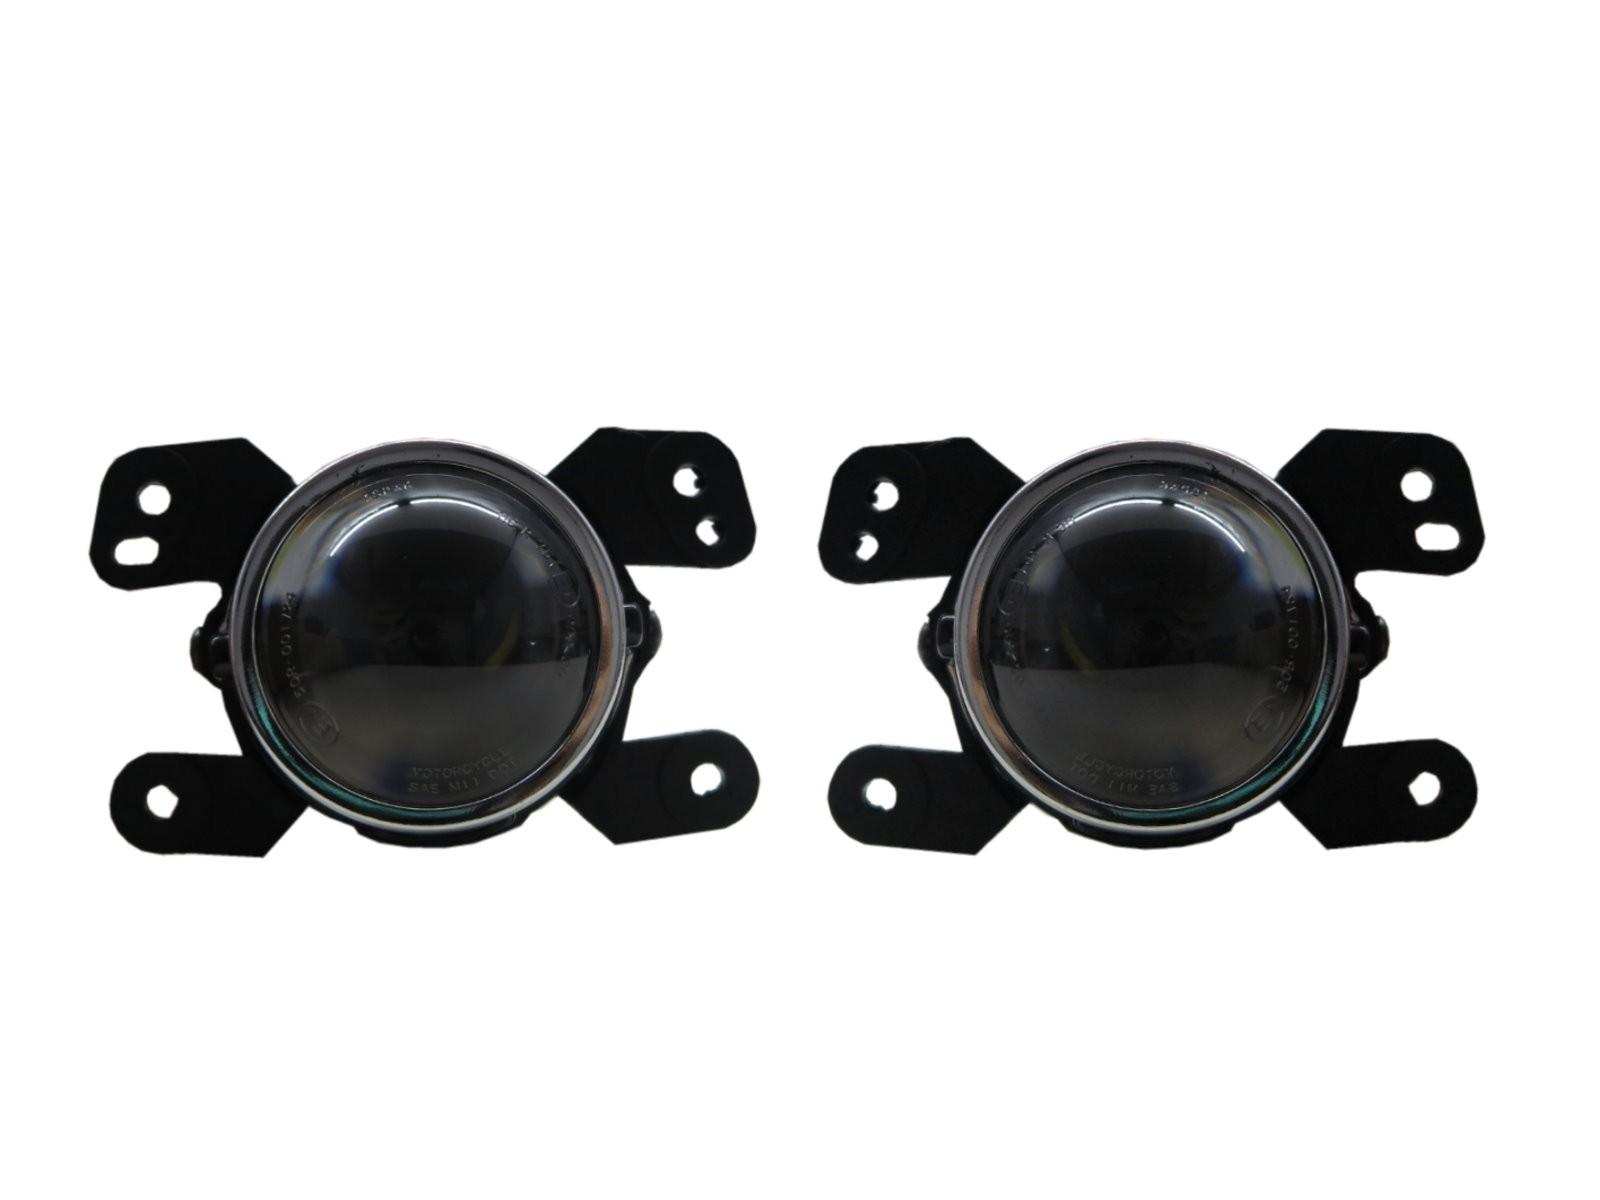 CrazyTheGod Freemont 2011-2016 SUV 5D Projector Fog Light Lamp Black for Fiat